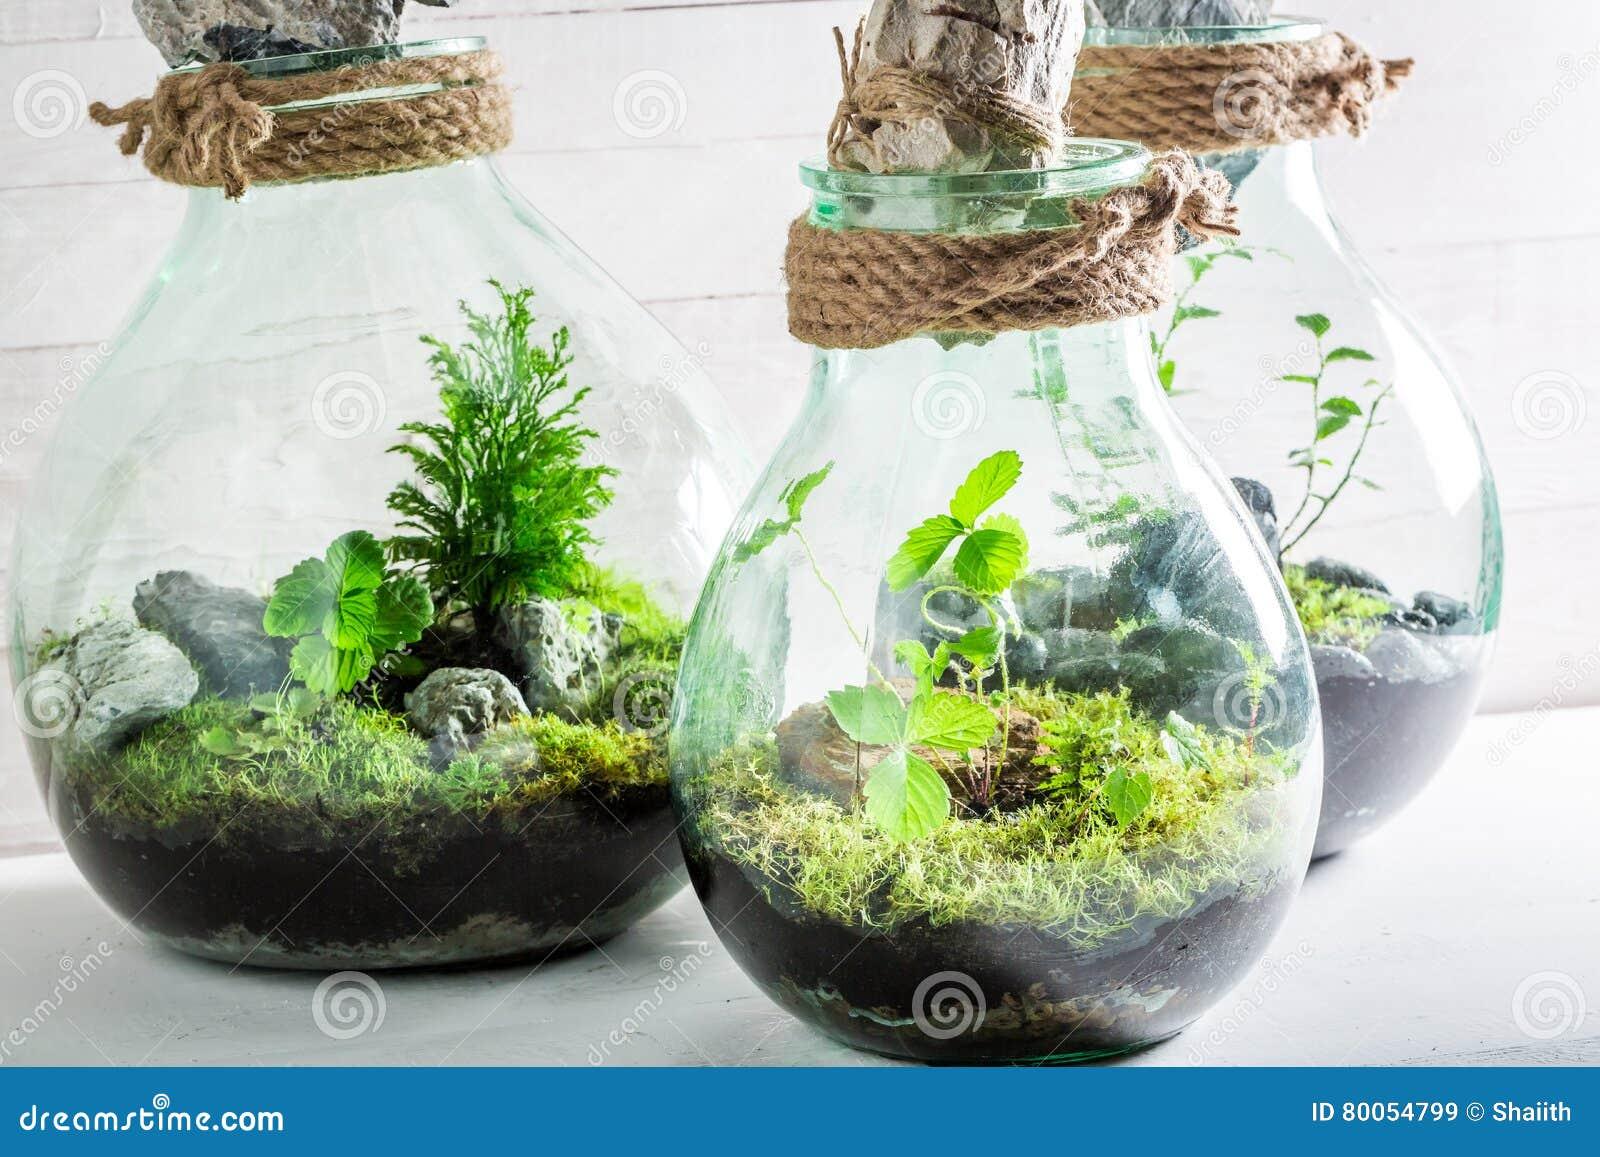 Erstaunliche Lebende Pflanzen In Einem Glas Mit Selbstökosystem